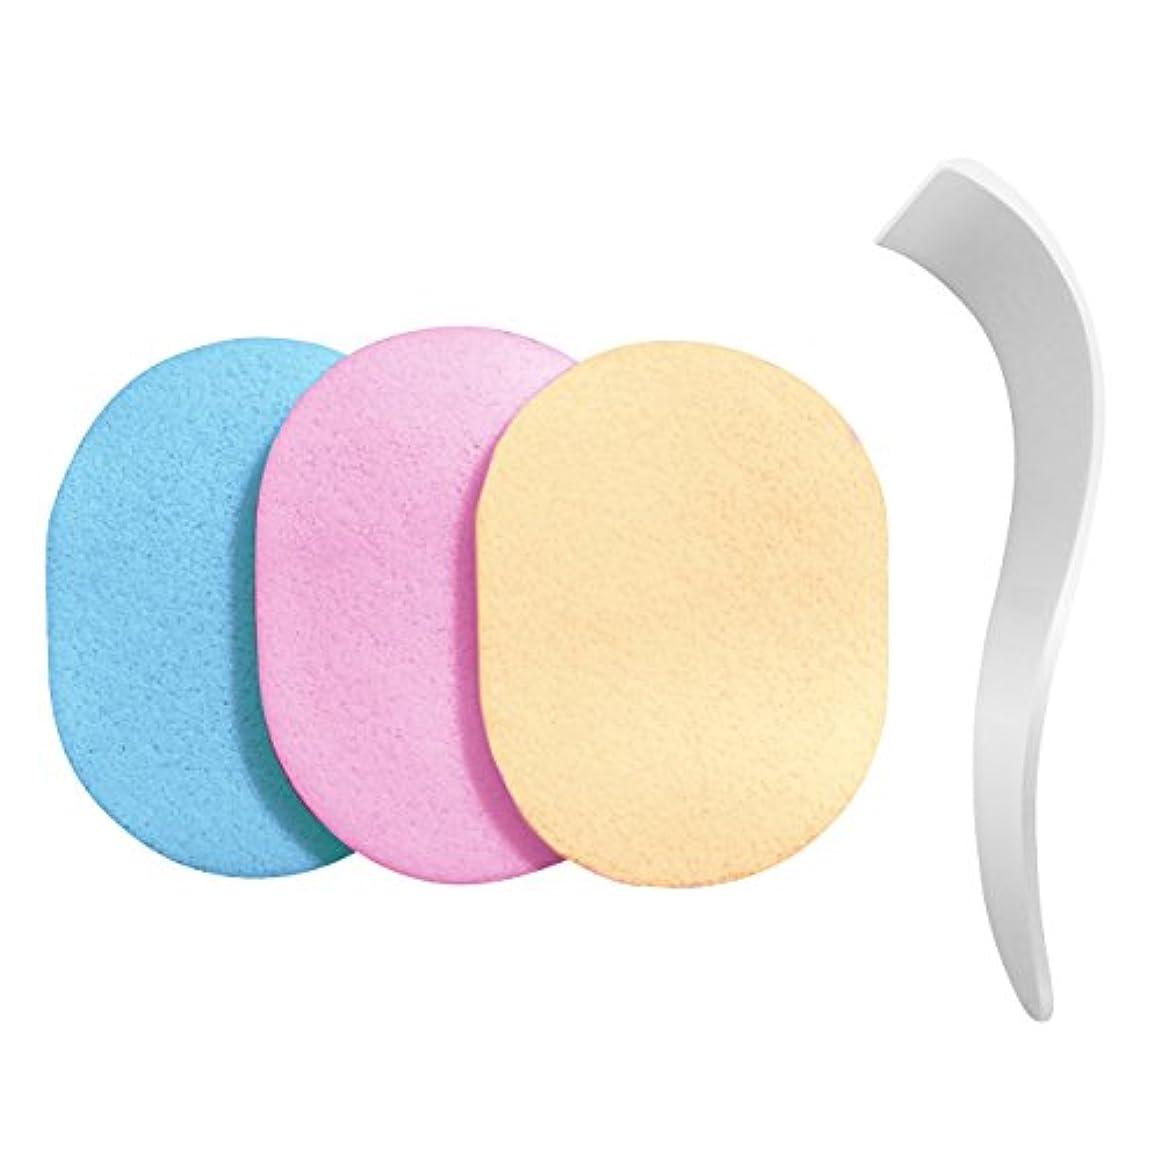 仲人スペードチロ【除毛用】s-fit 専用ヘラ スポンジ 洗って使える 3色セット 100%PVA 除毛クリーム専用 メンズ レディース